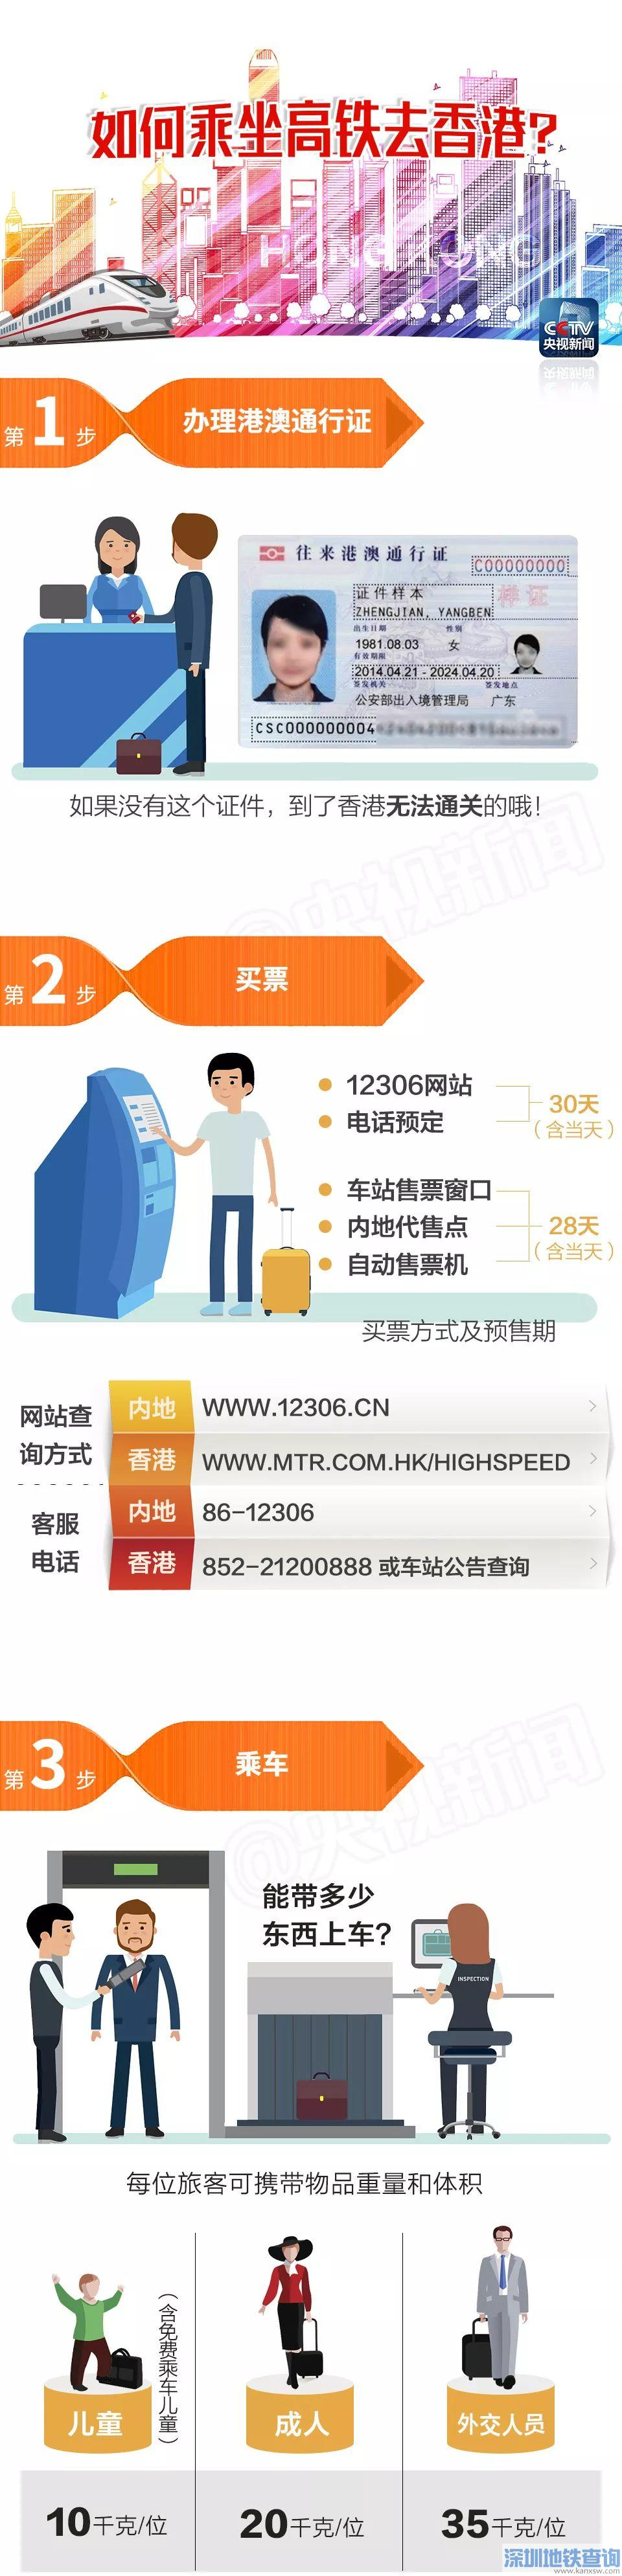 北京如何乘坐高铁去香港(证件 买票方式 乘车规定 过关安检流程 离港及注意事项)